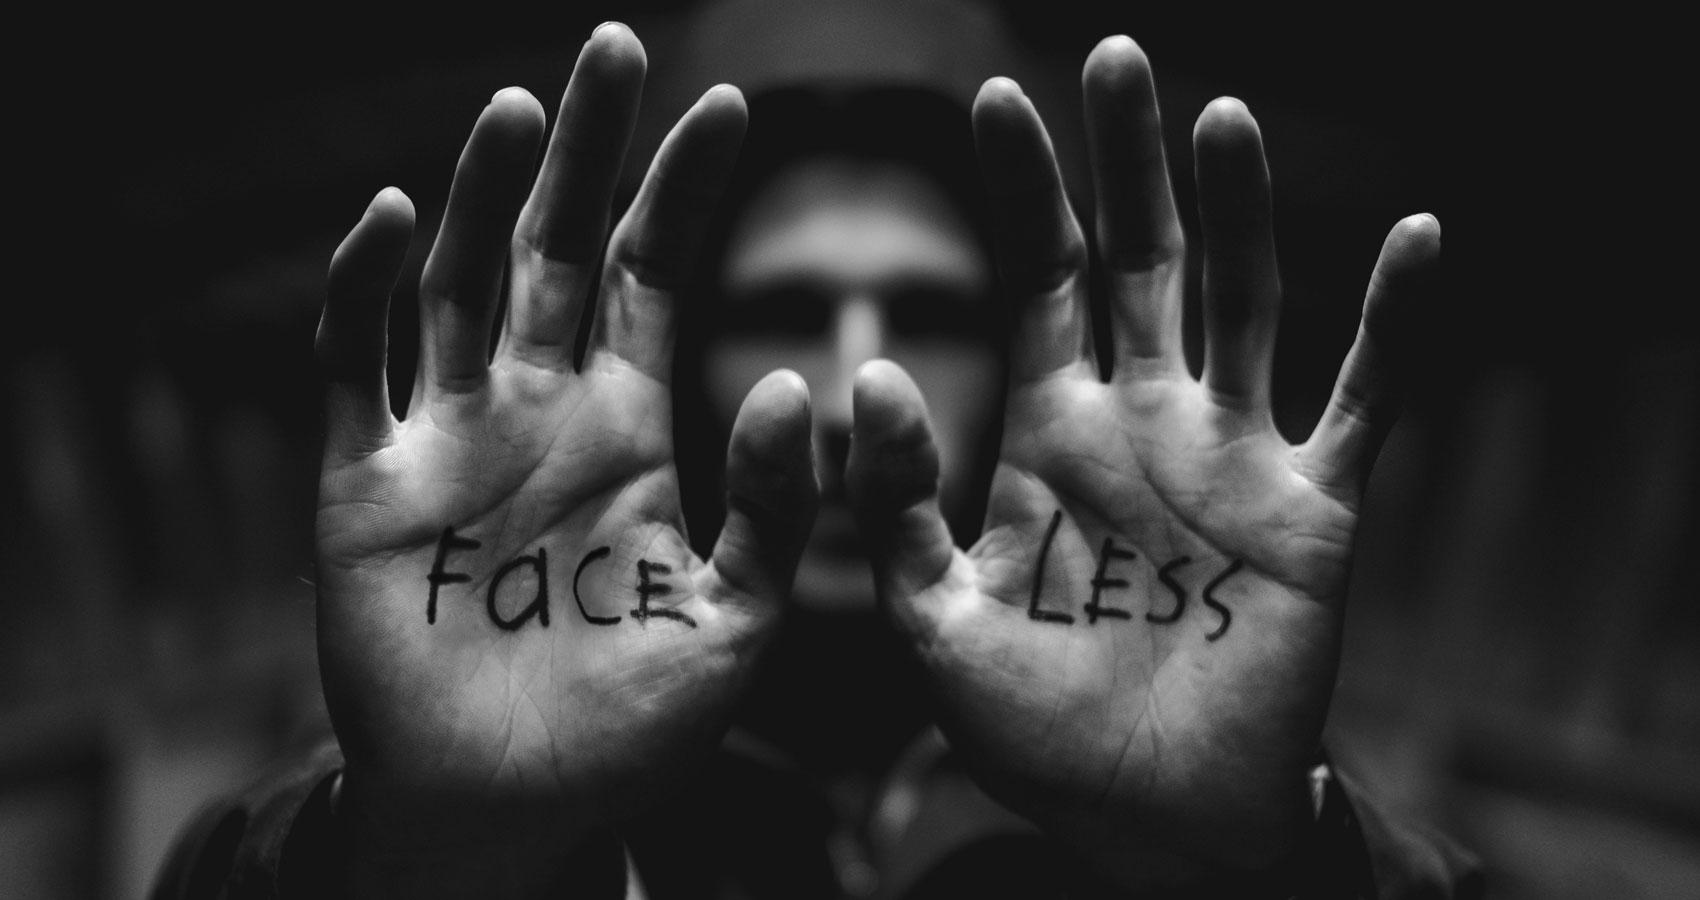 Faceless written by Criss Tripp at Spillwords.com